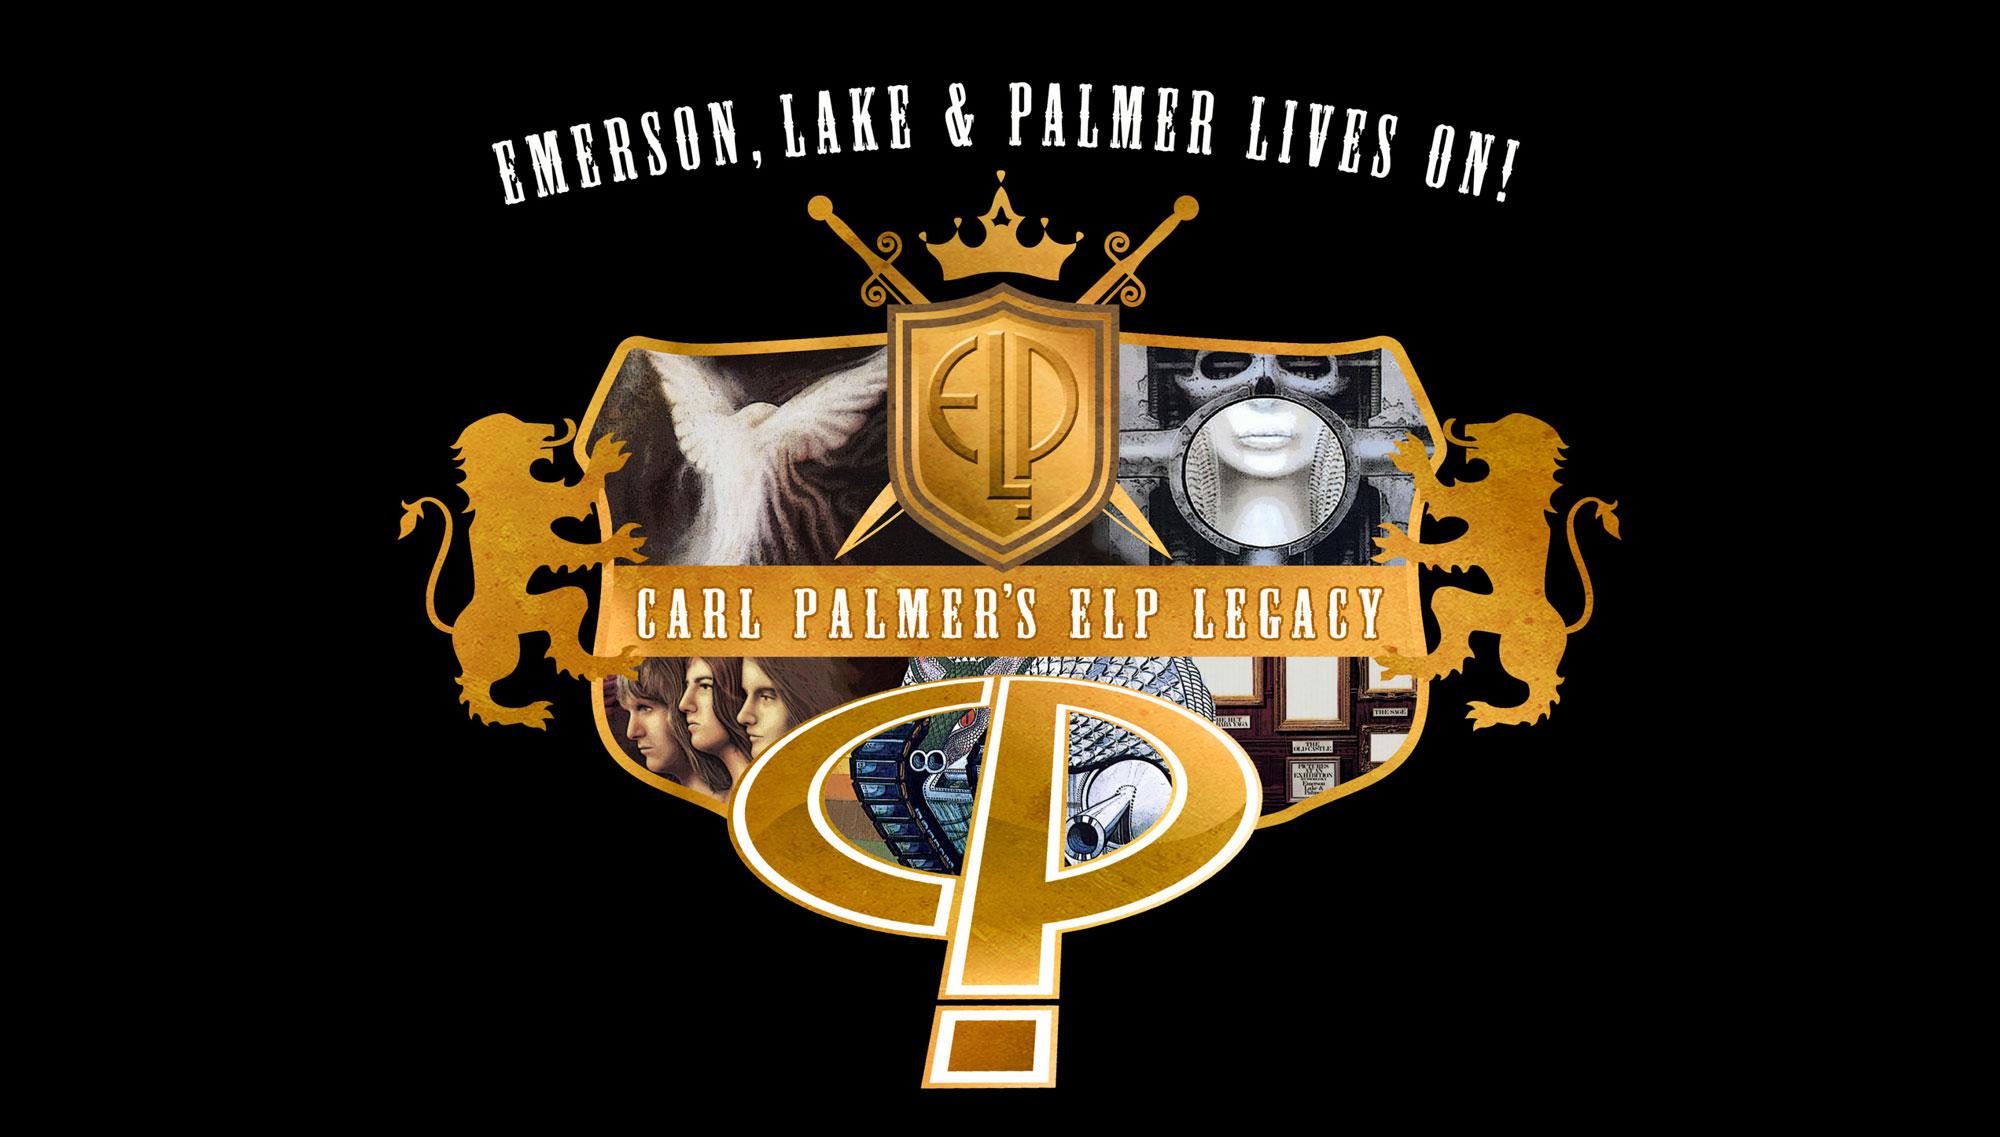 CARL PALMER'S ELP LEGACY  <H5>Emerson, Lake and Palmer Lives On Tour  </h5><h5>April 19  </h5>